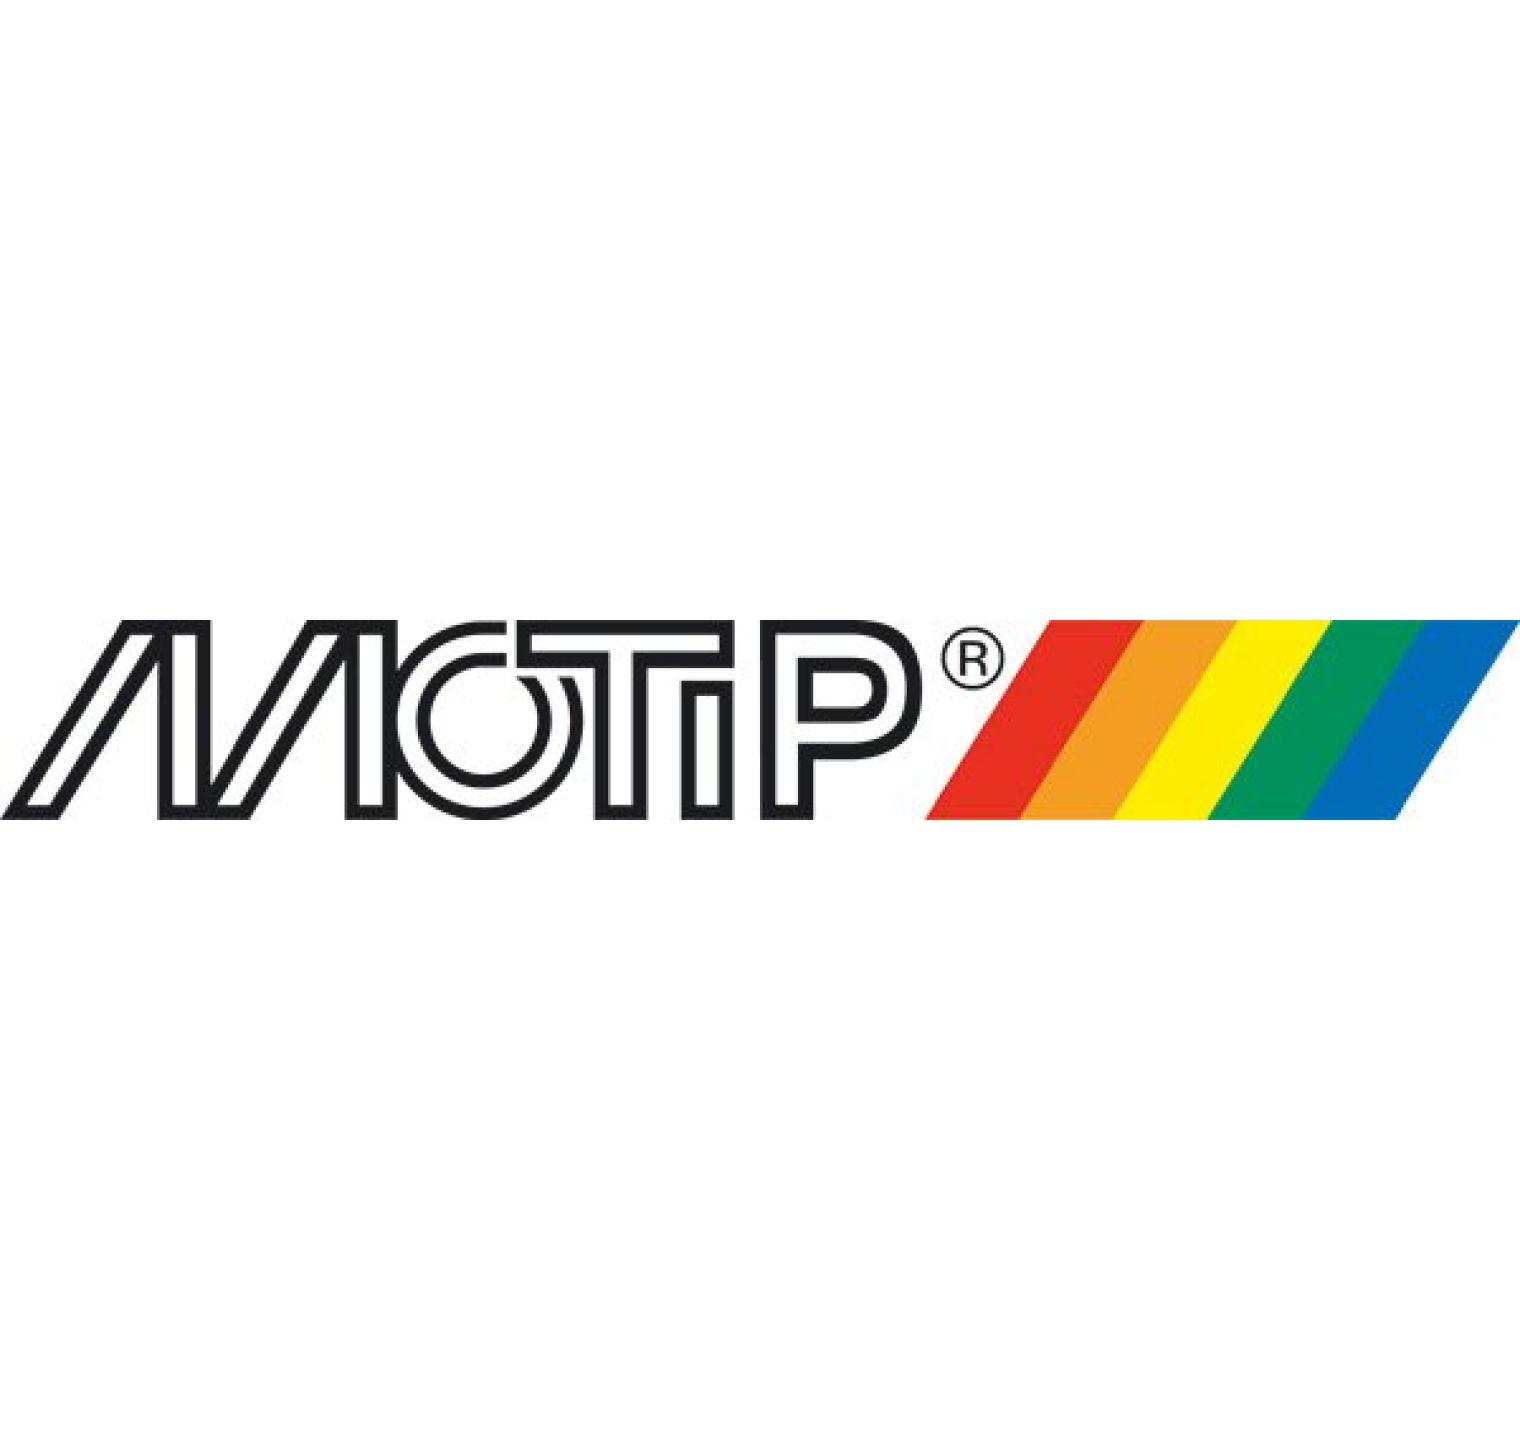 Motip Kunststof Primer 400ml